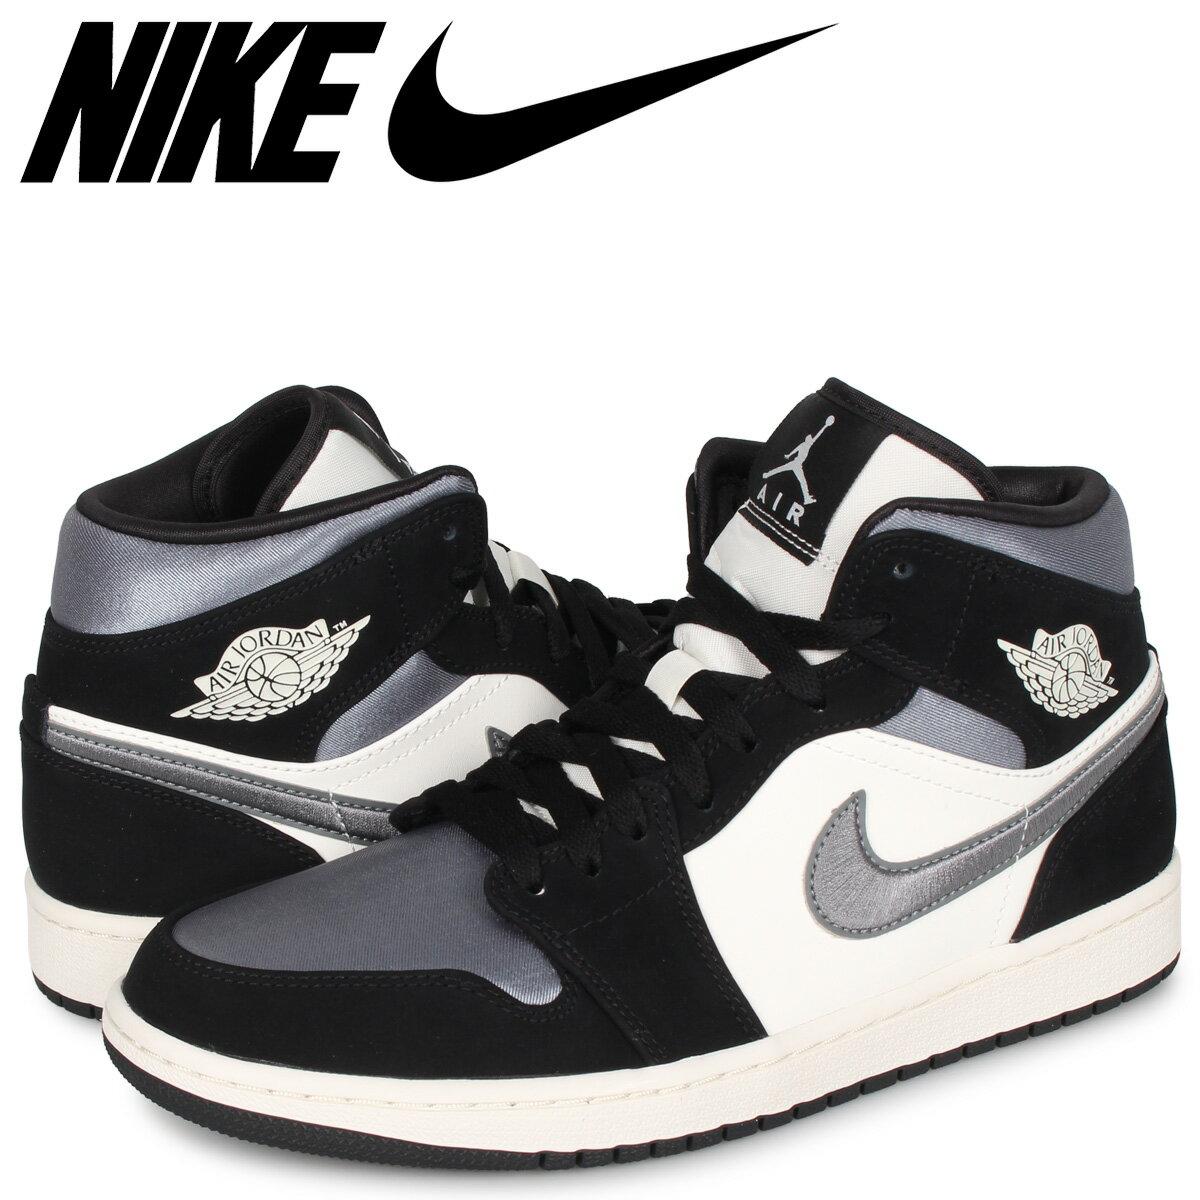 メンズ靴, スニーカー NIKE AIR JORDAN 1 MID SE BLACK SATIN 1 852542-011